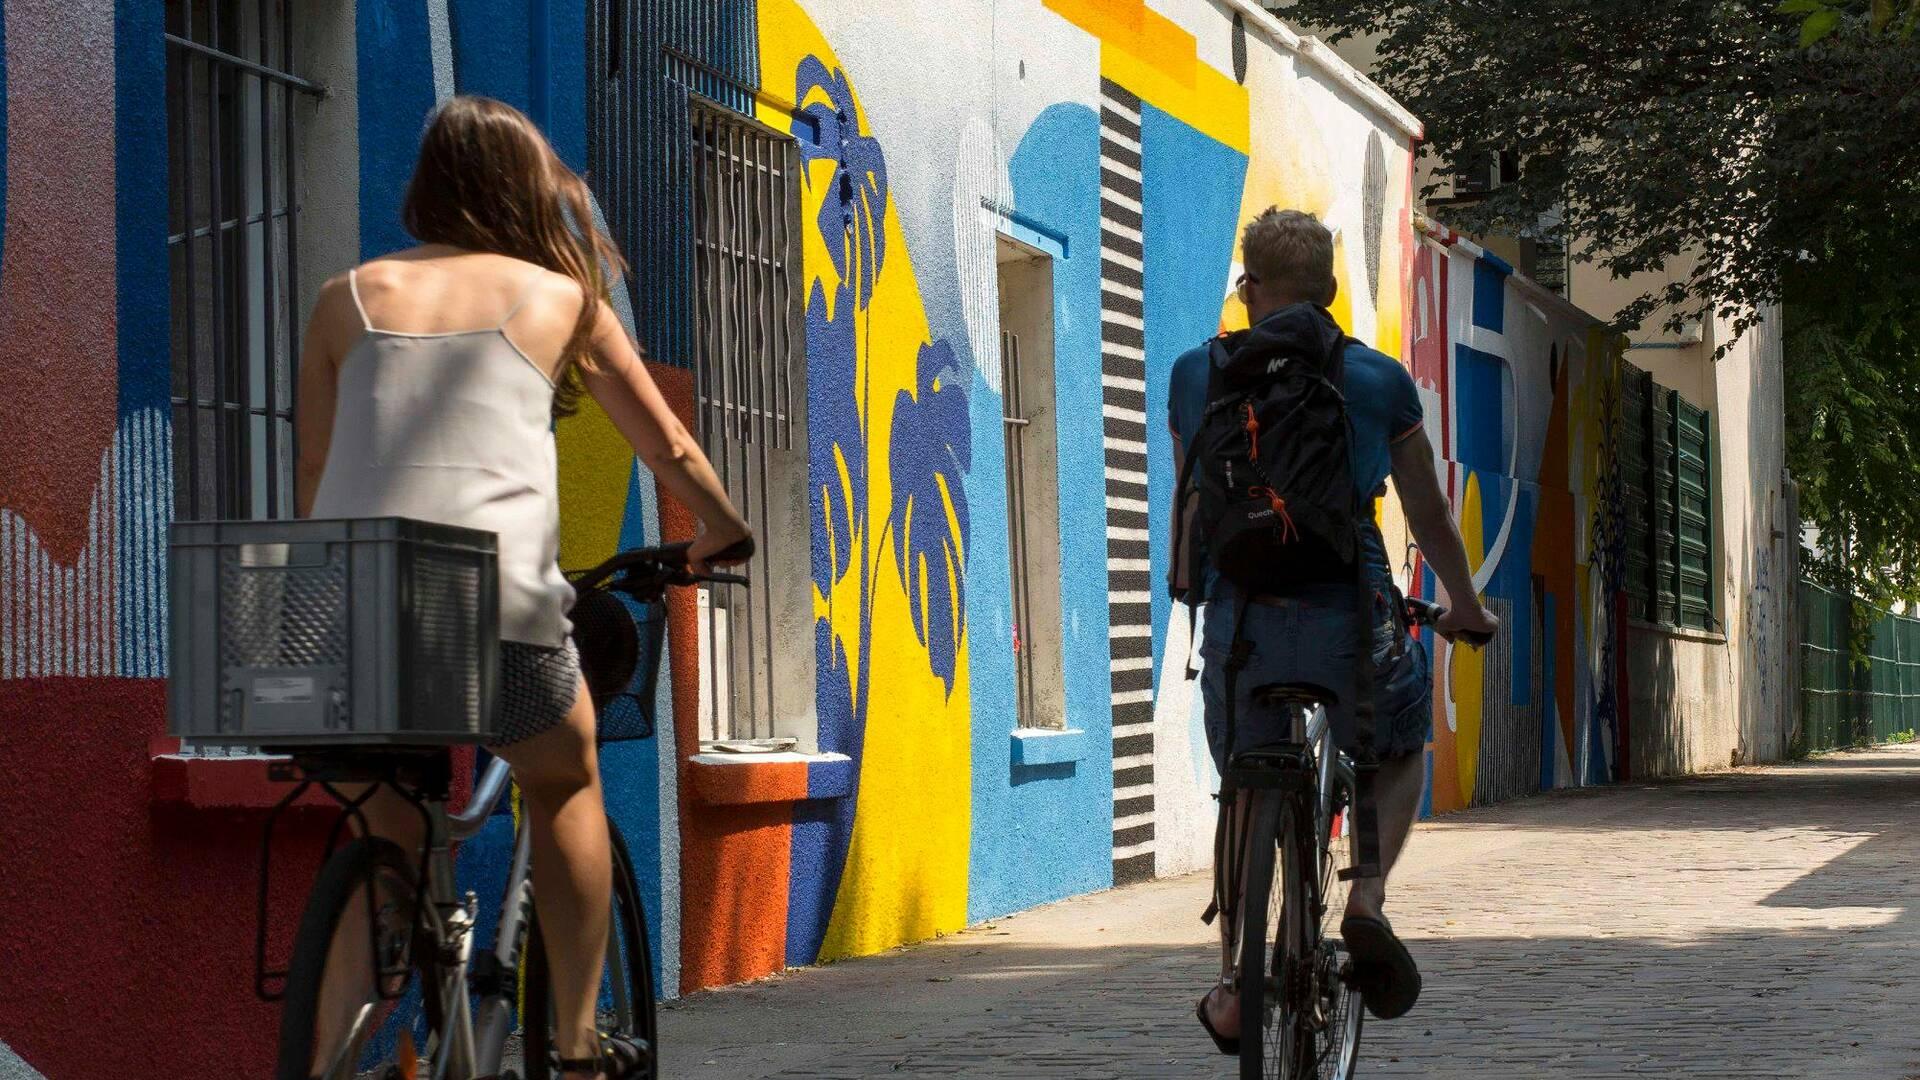 Balade le long du canal saint denis sur la Street Art Avenue - crédit Pierre Le Tulzo